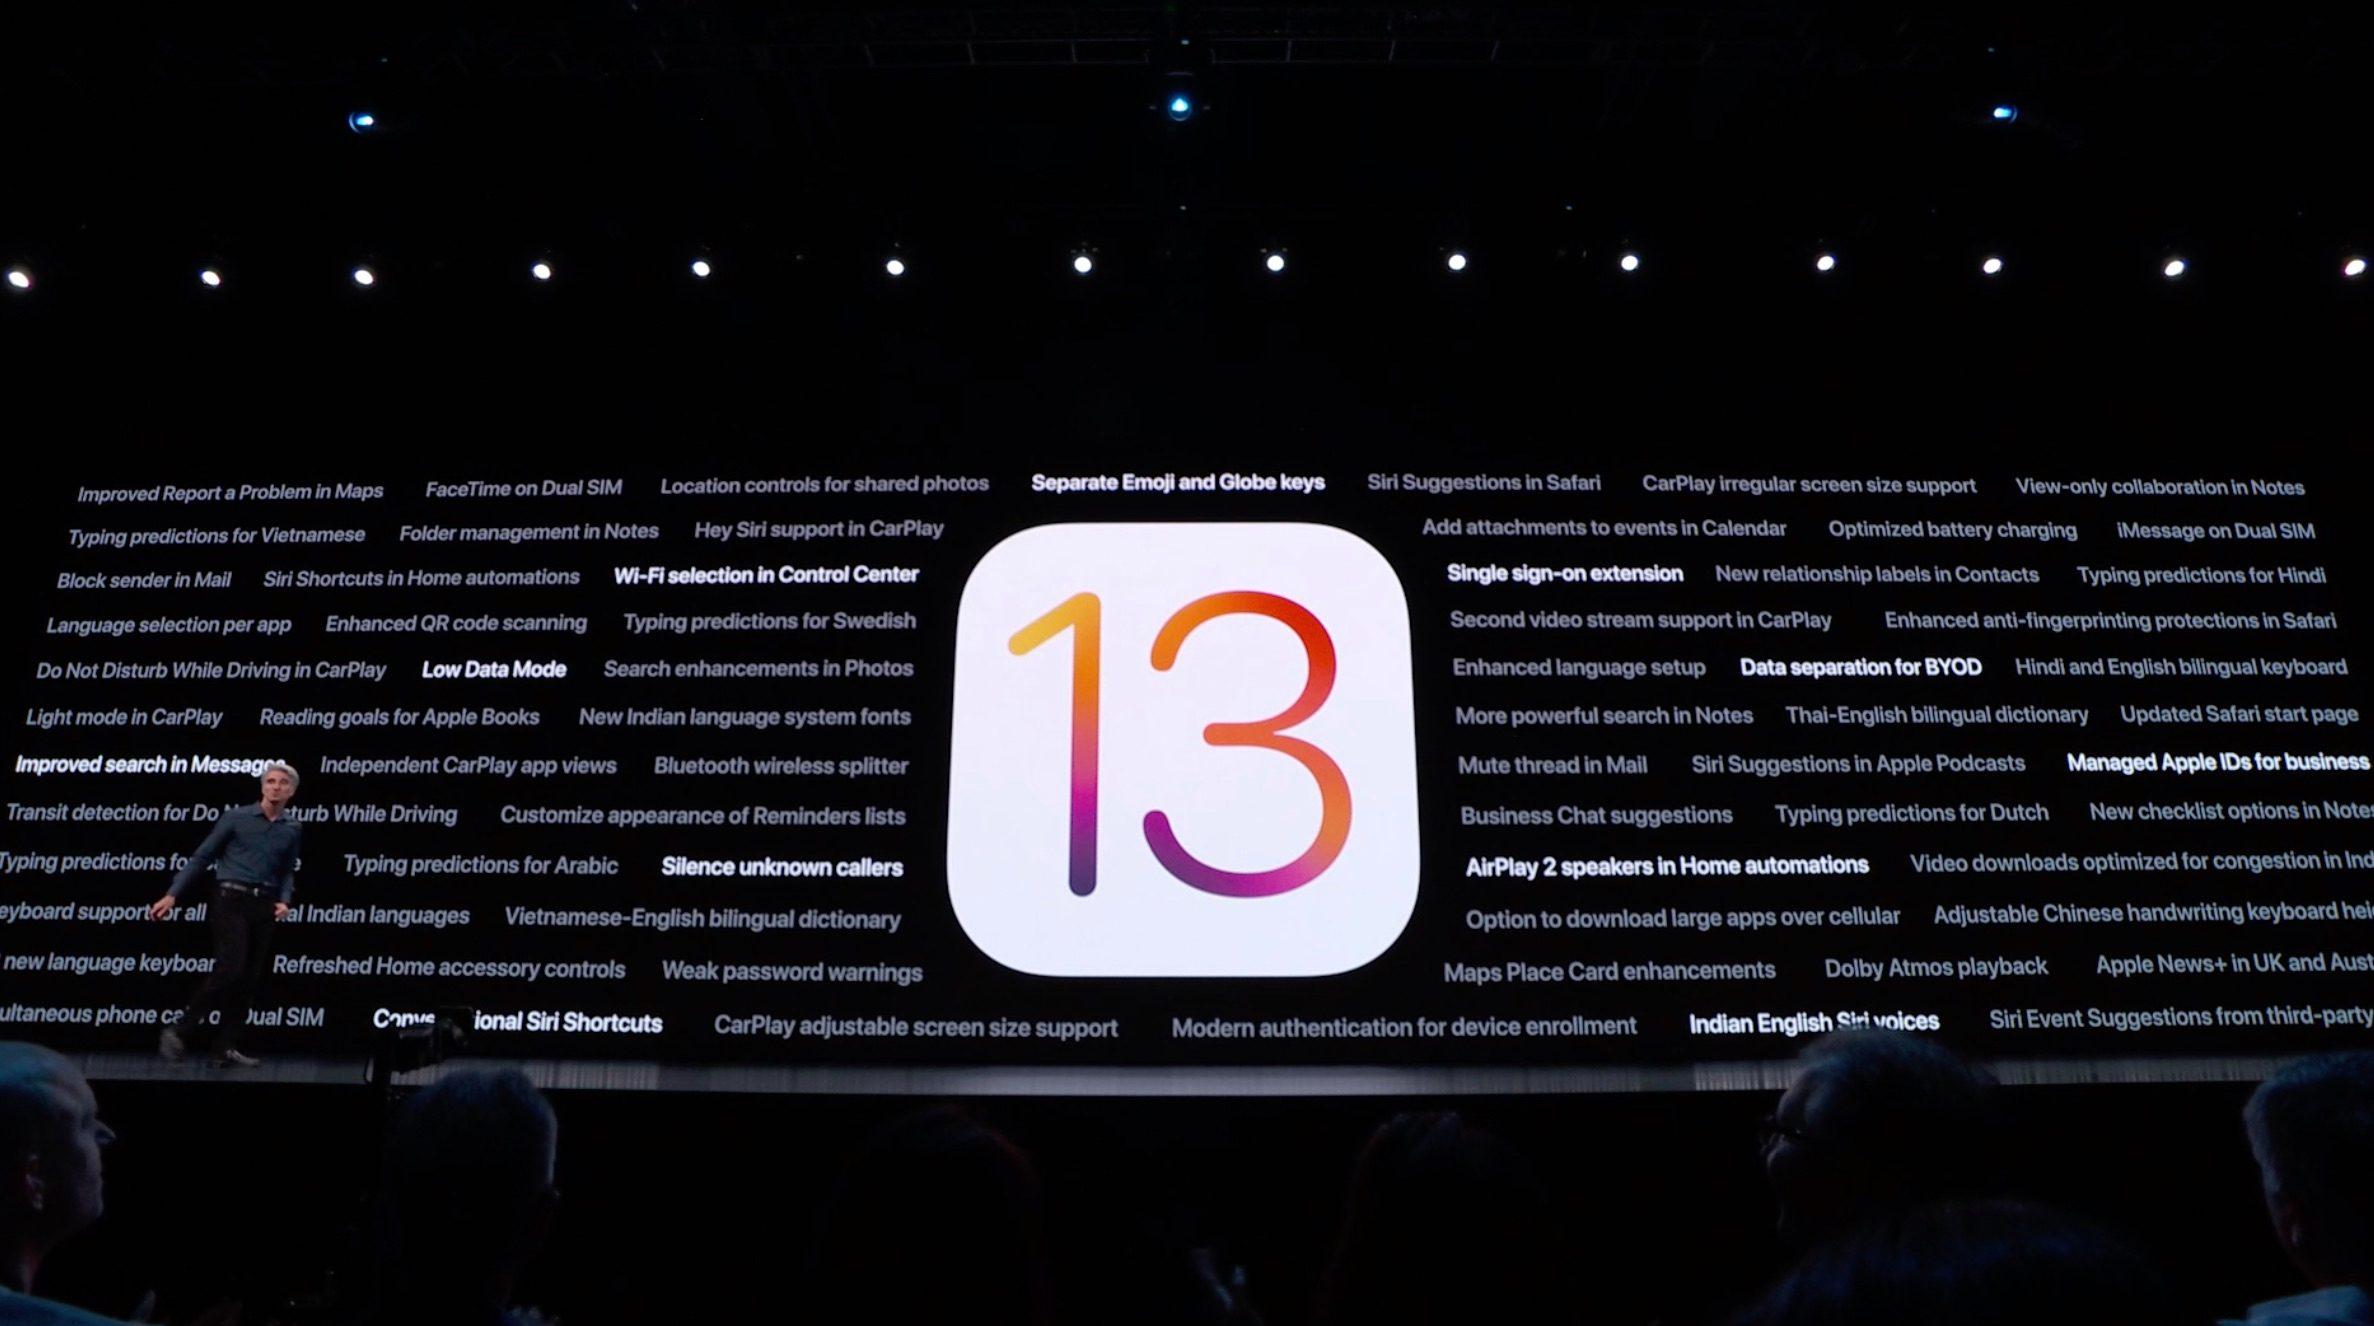 مميزات جديدة ومثيرة في iOS 13 - آي-فون إسلام